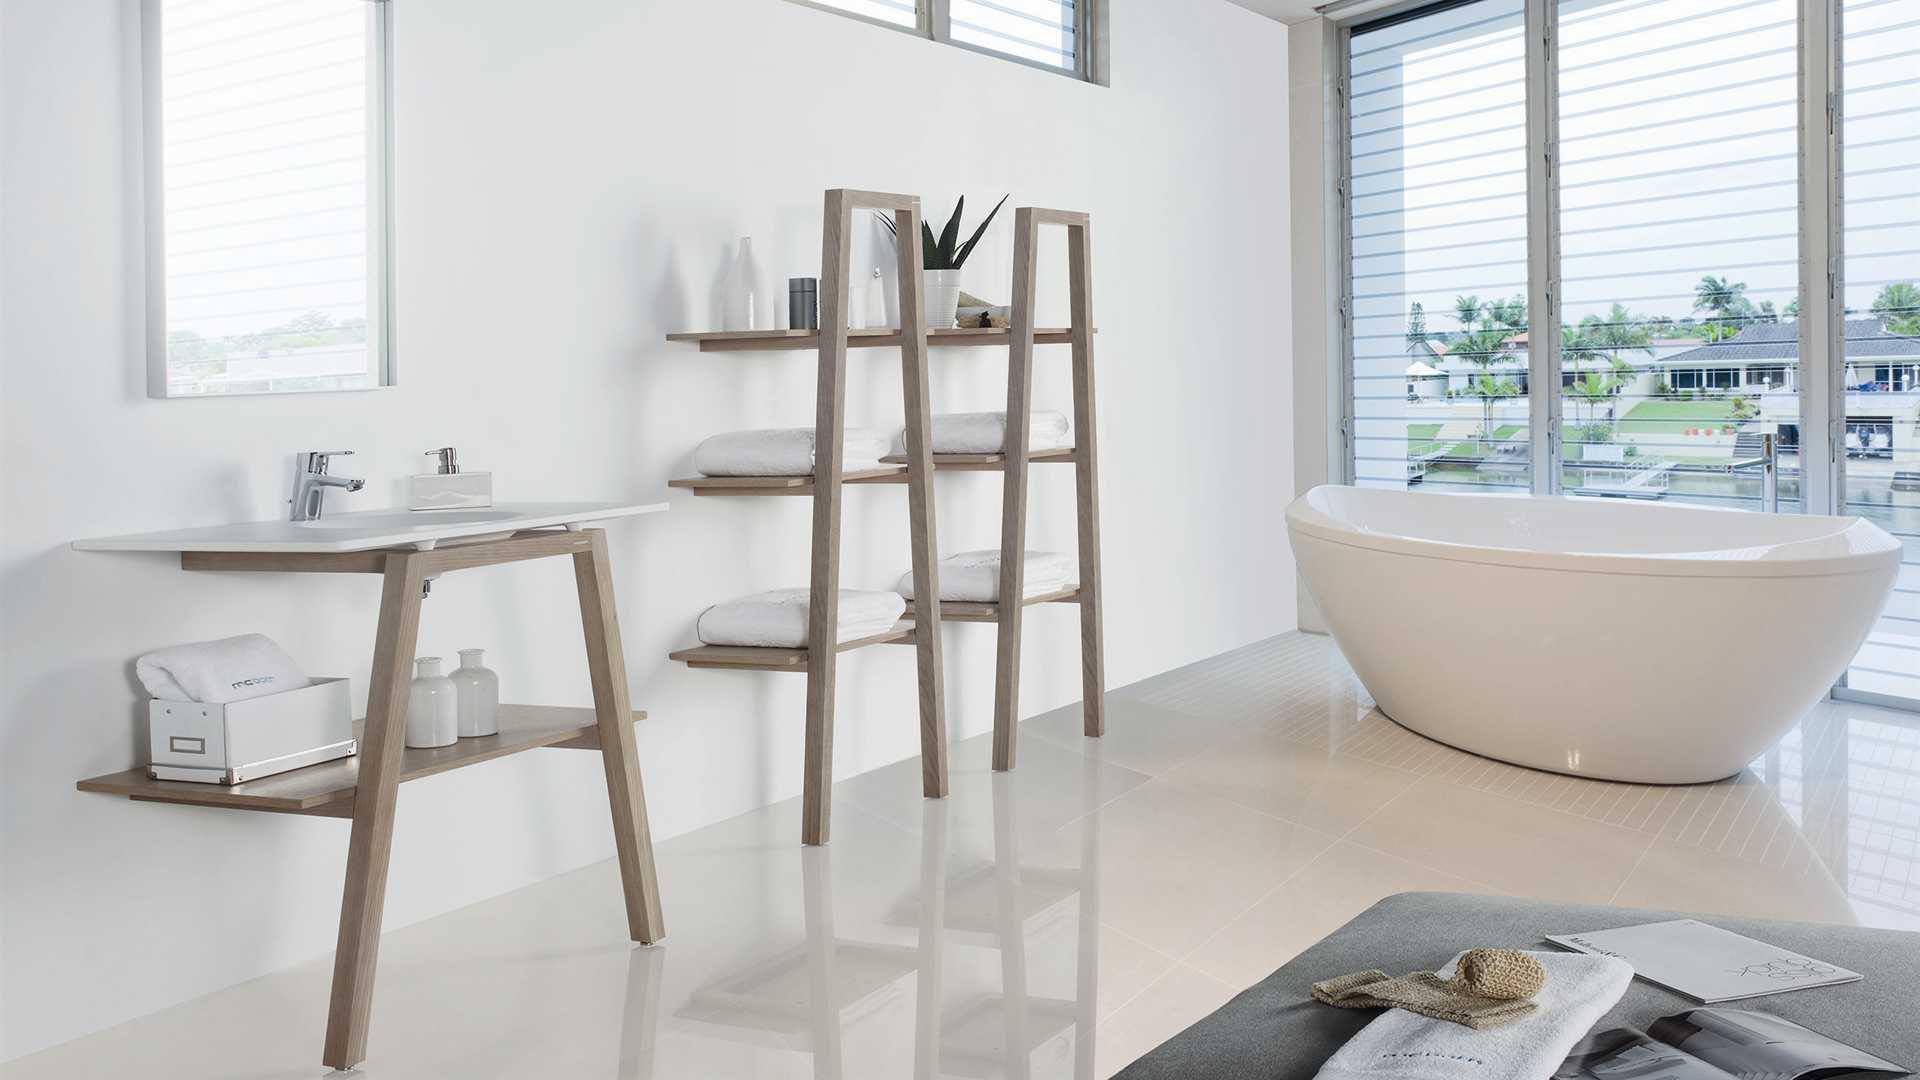 25 hermoso de ba o im genes muebles de bano de diseno for Accesorios cuarto de bano baratos